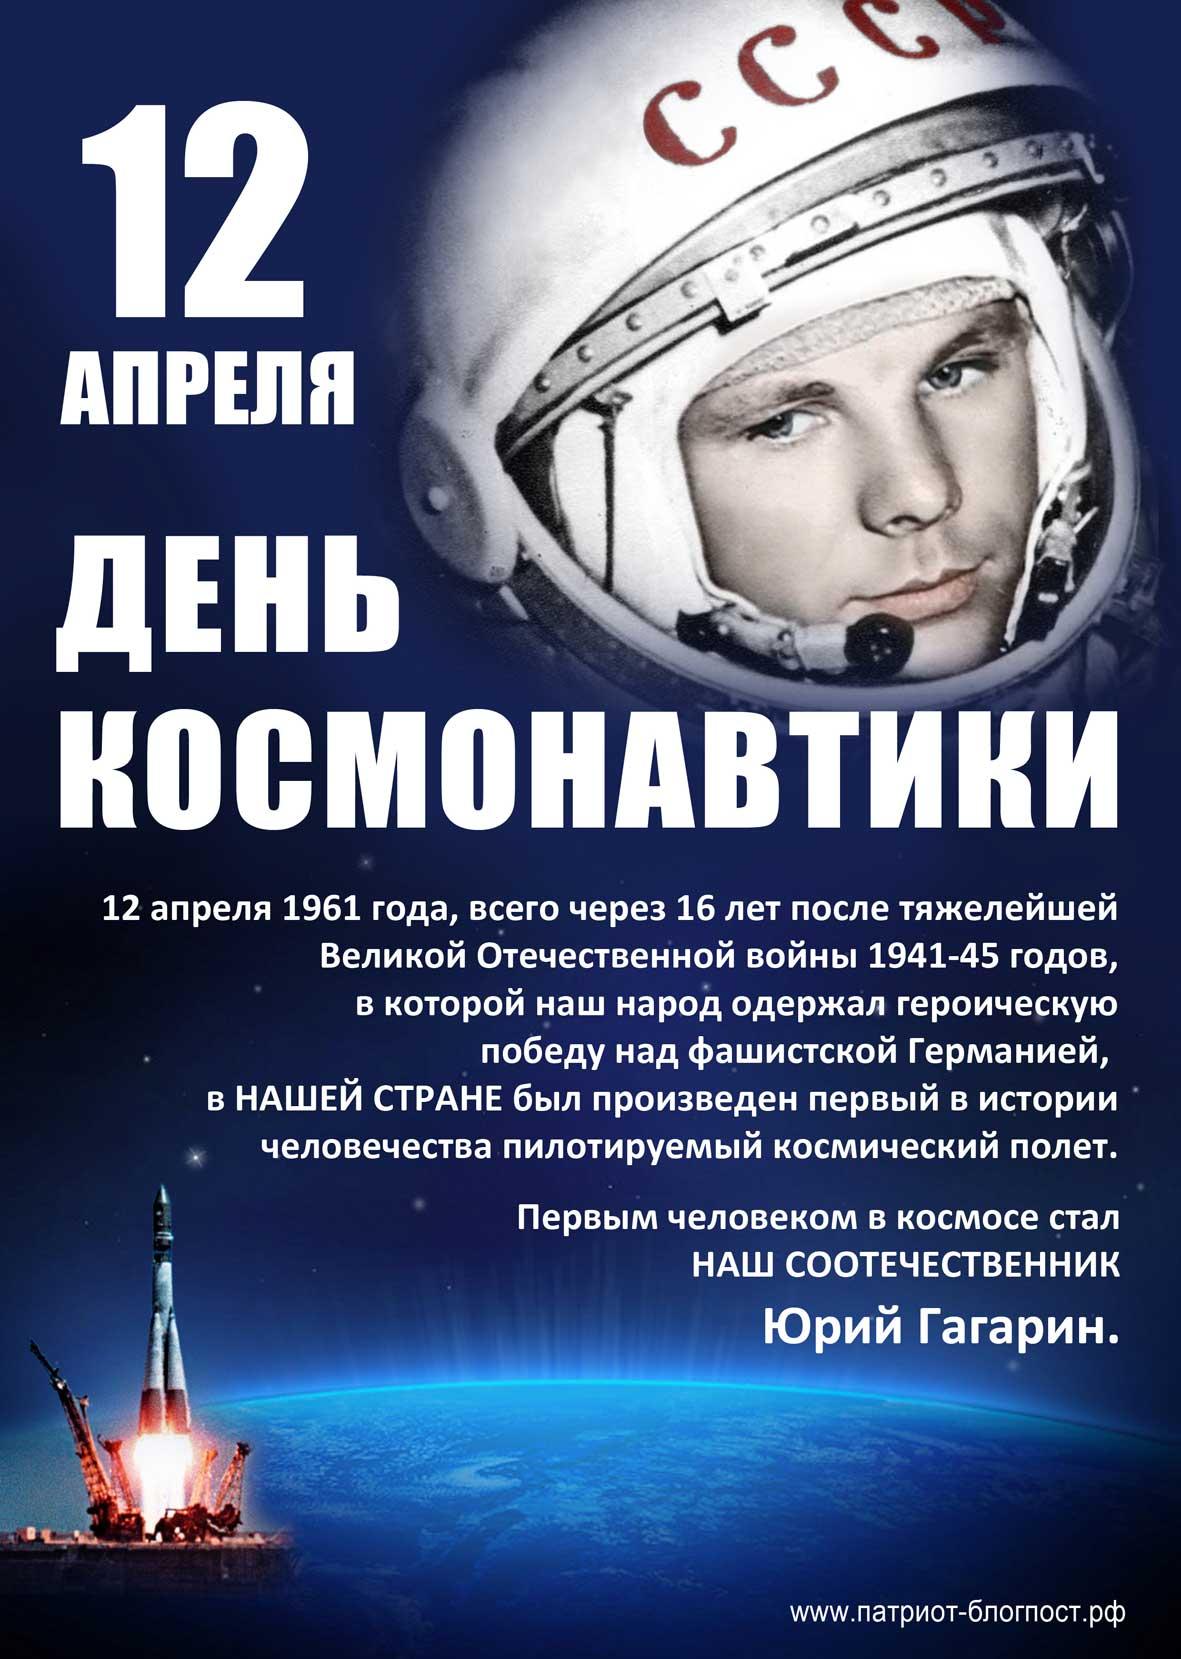 Концерт ко дню 55 летию космонавтики